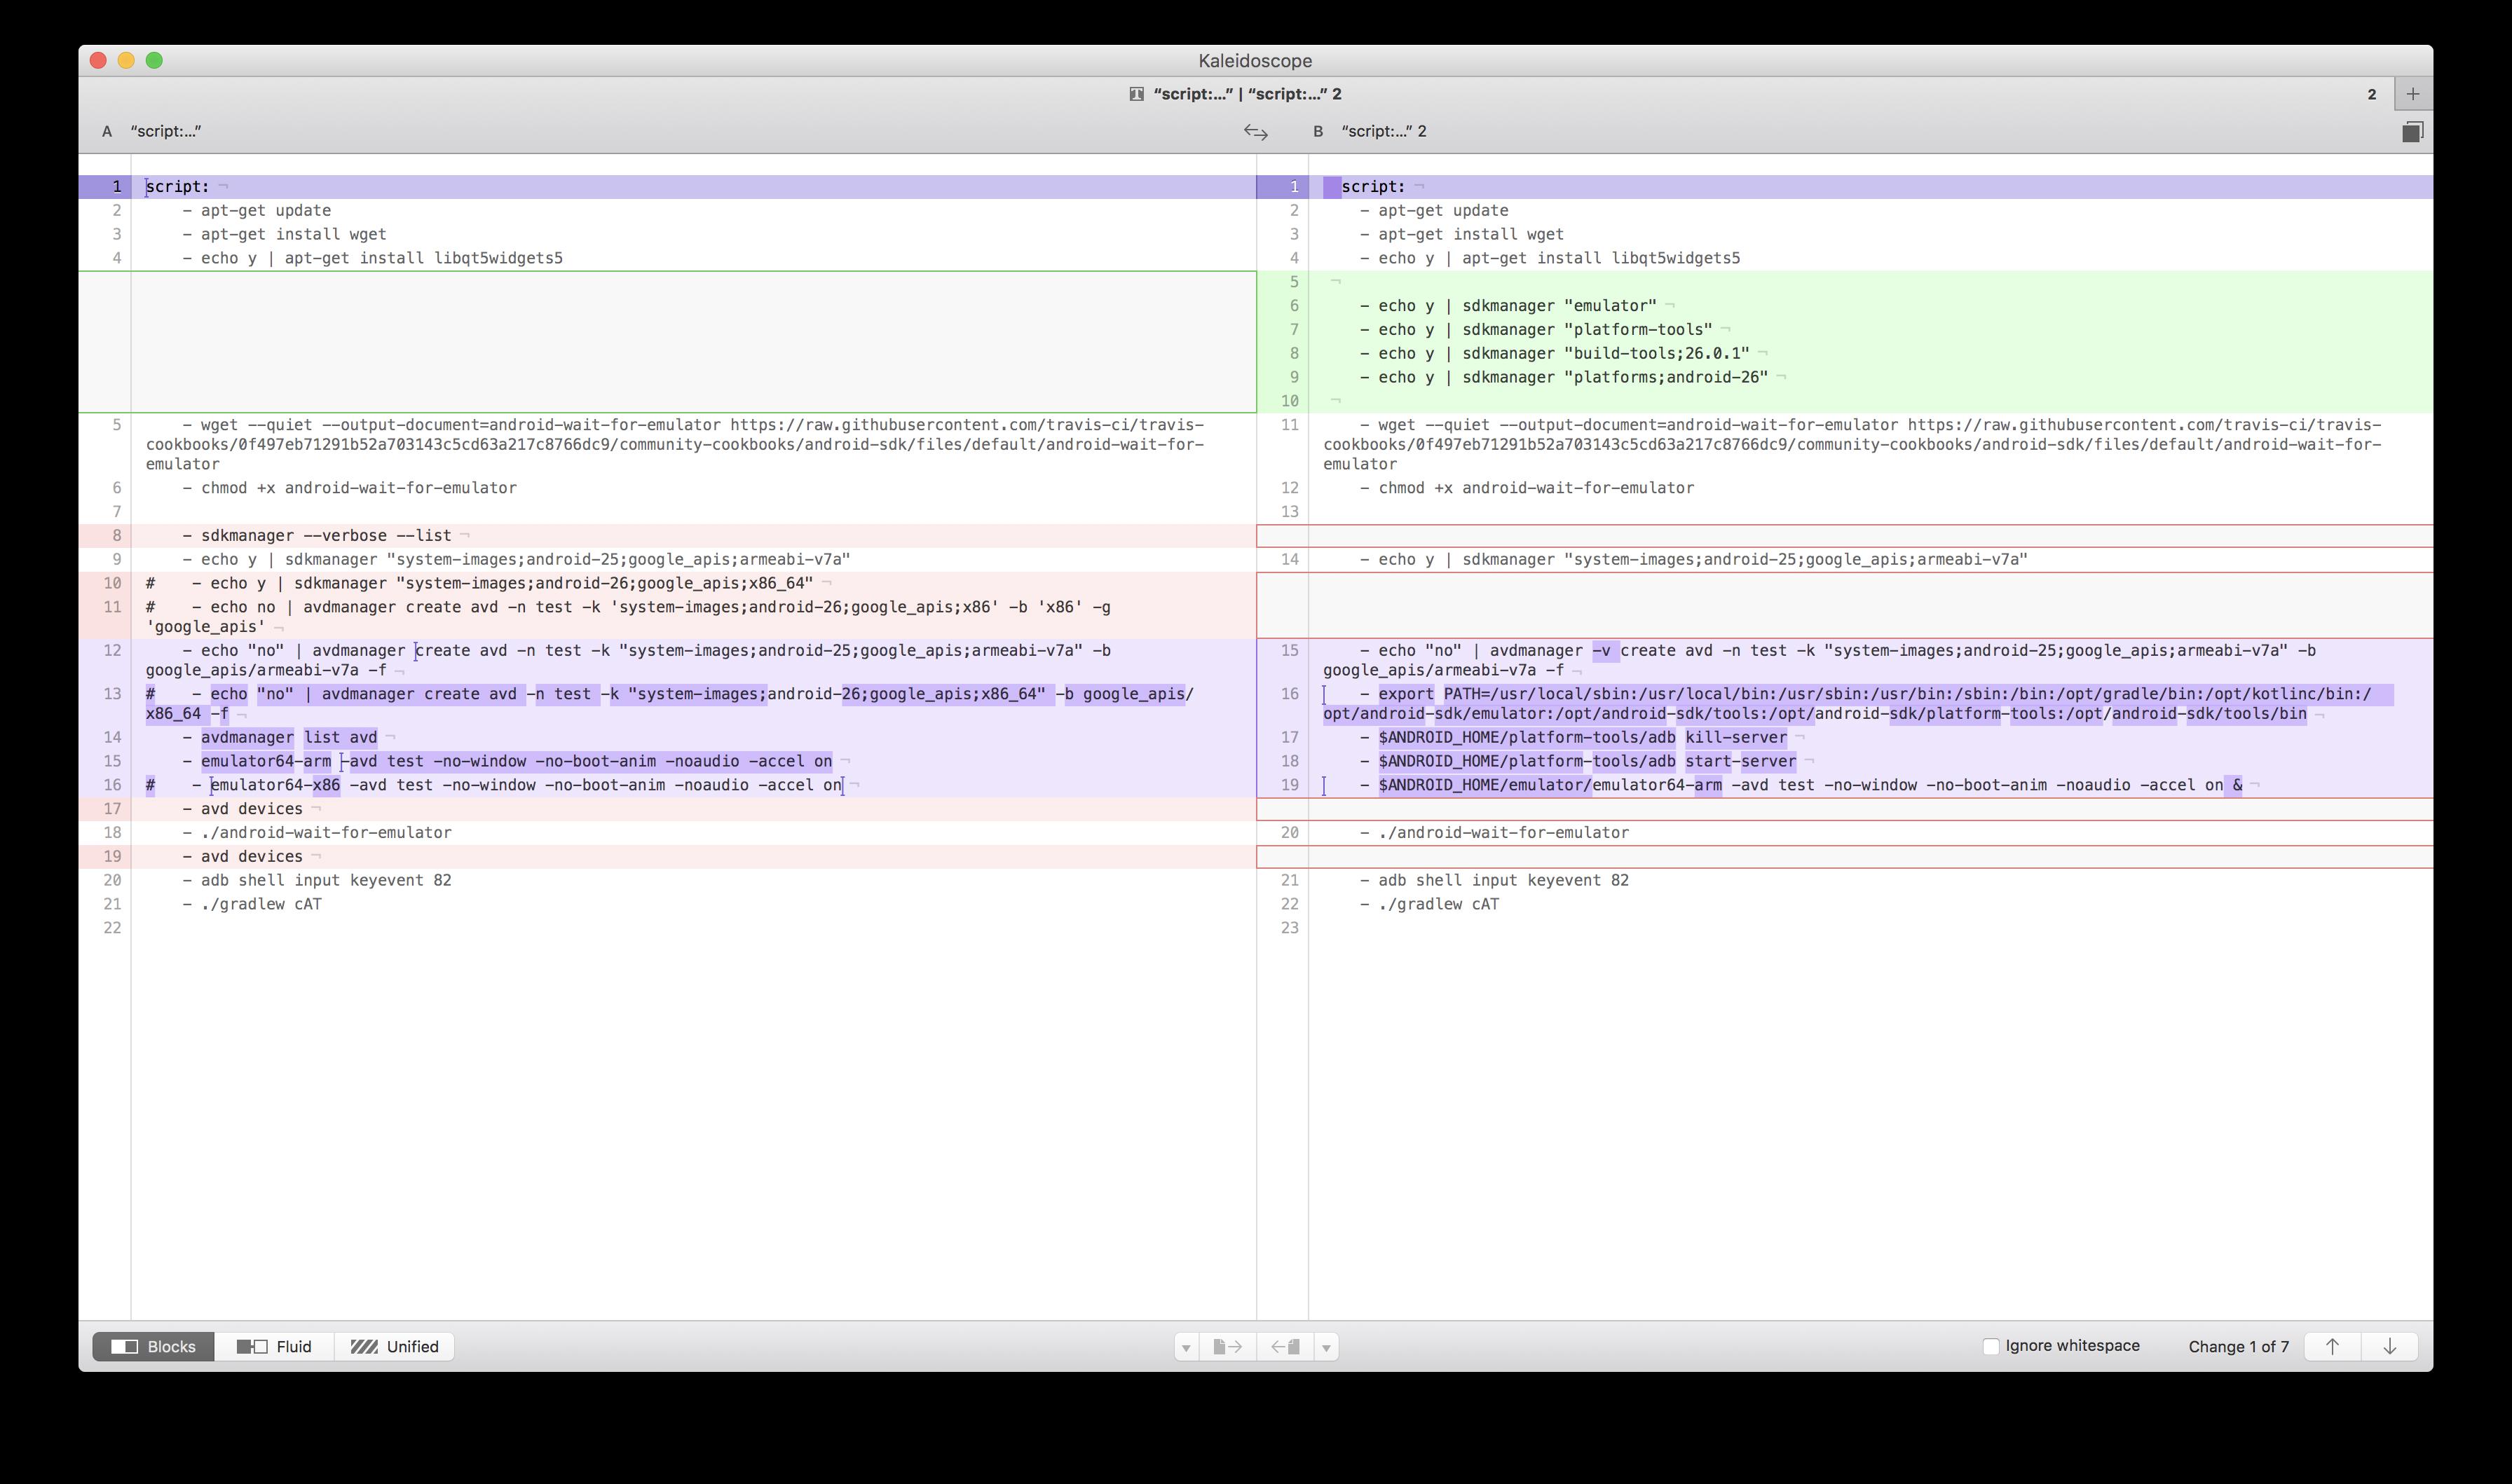 Emulator can't find AVD · Issue #6 · thyrlian/AndroidSDK